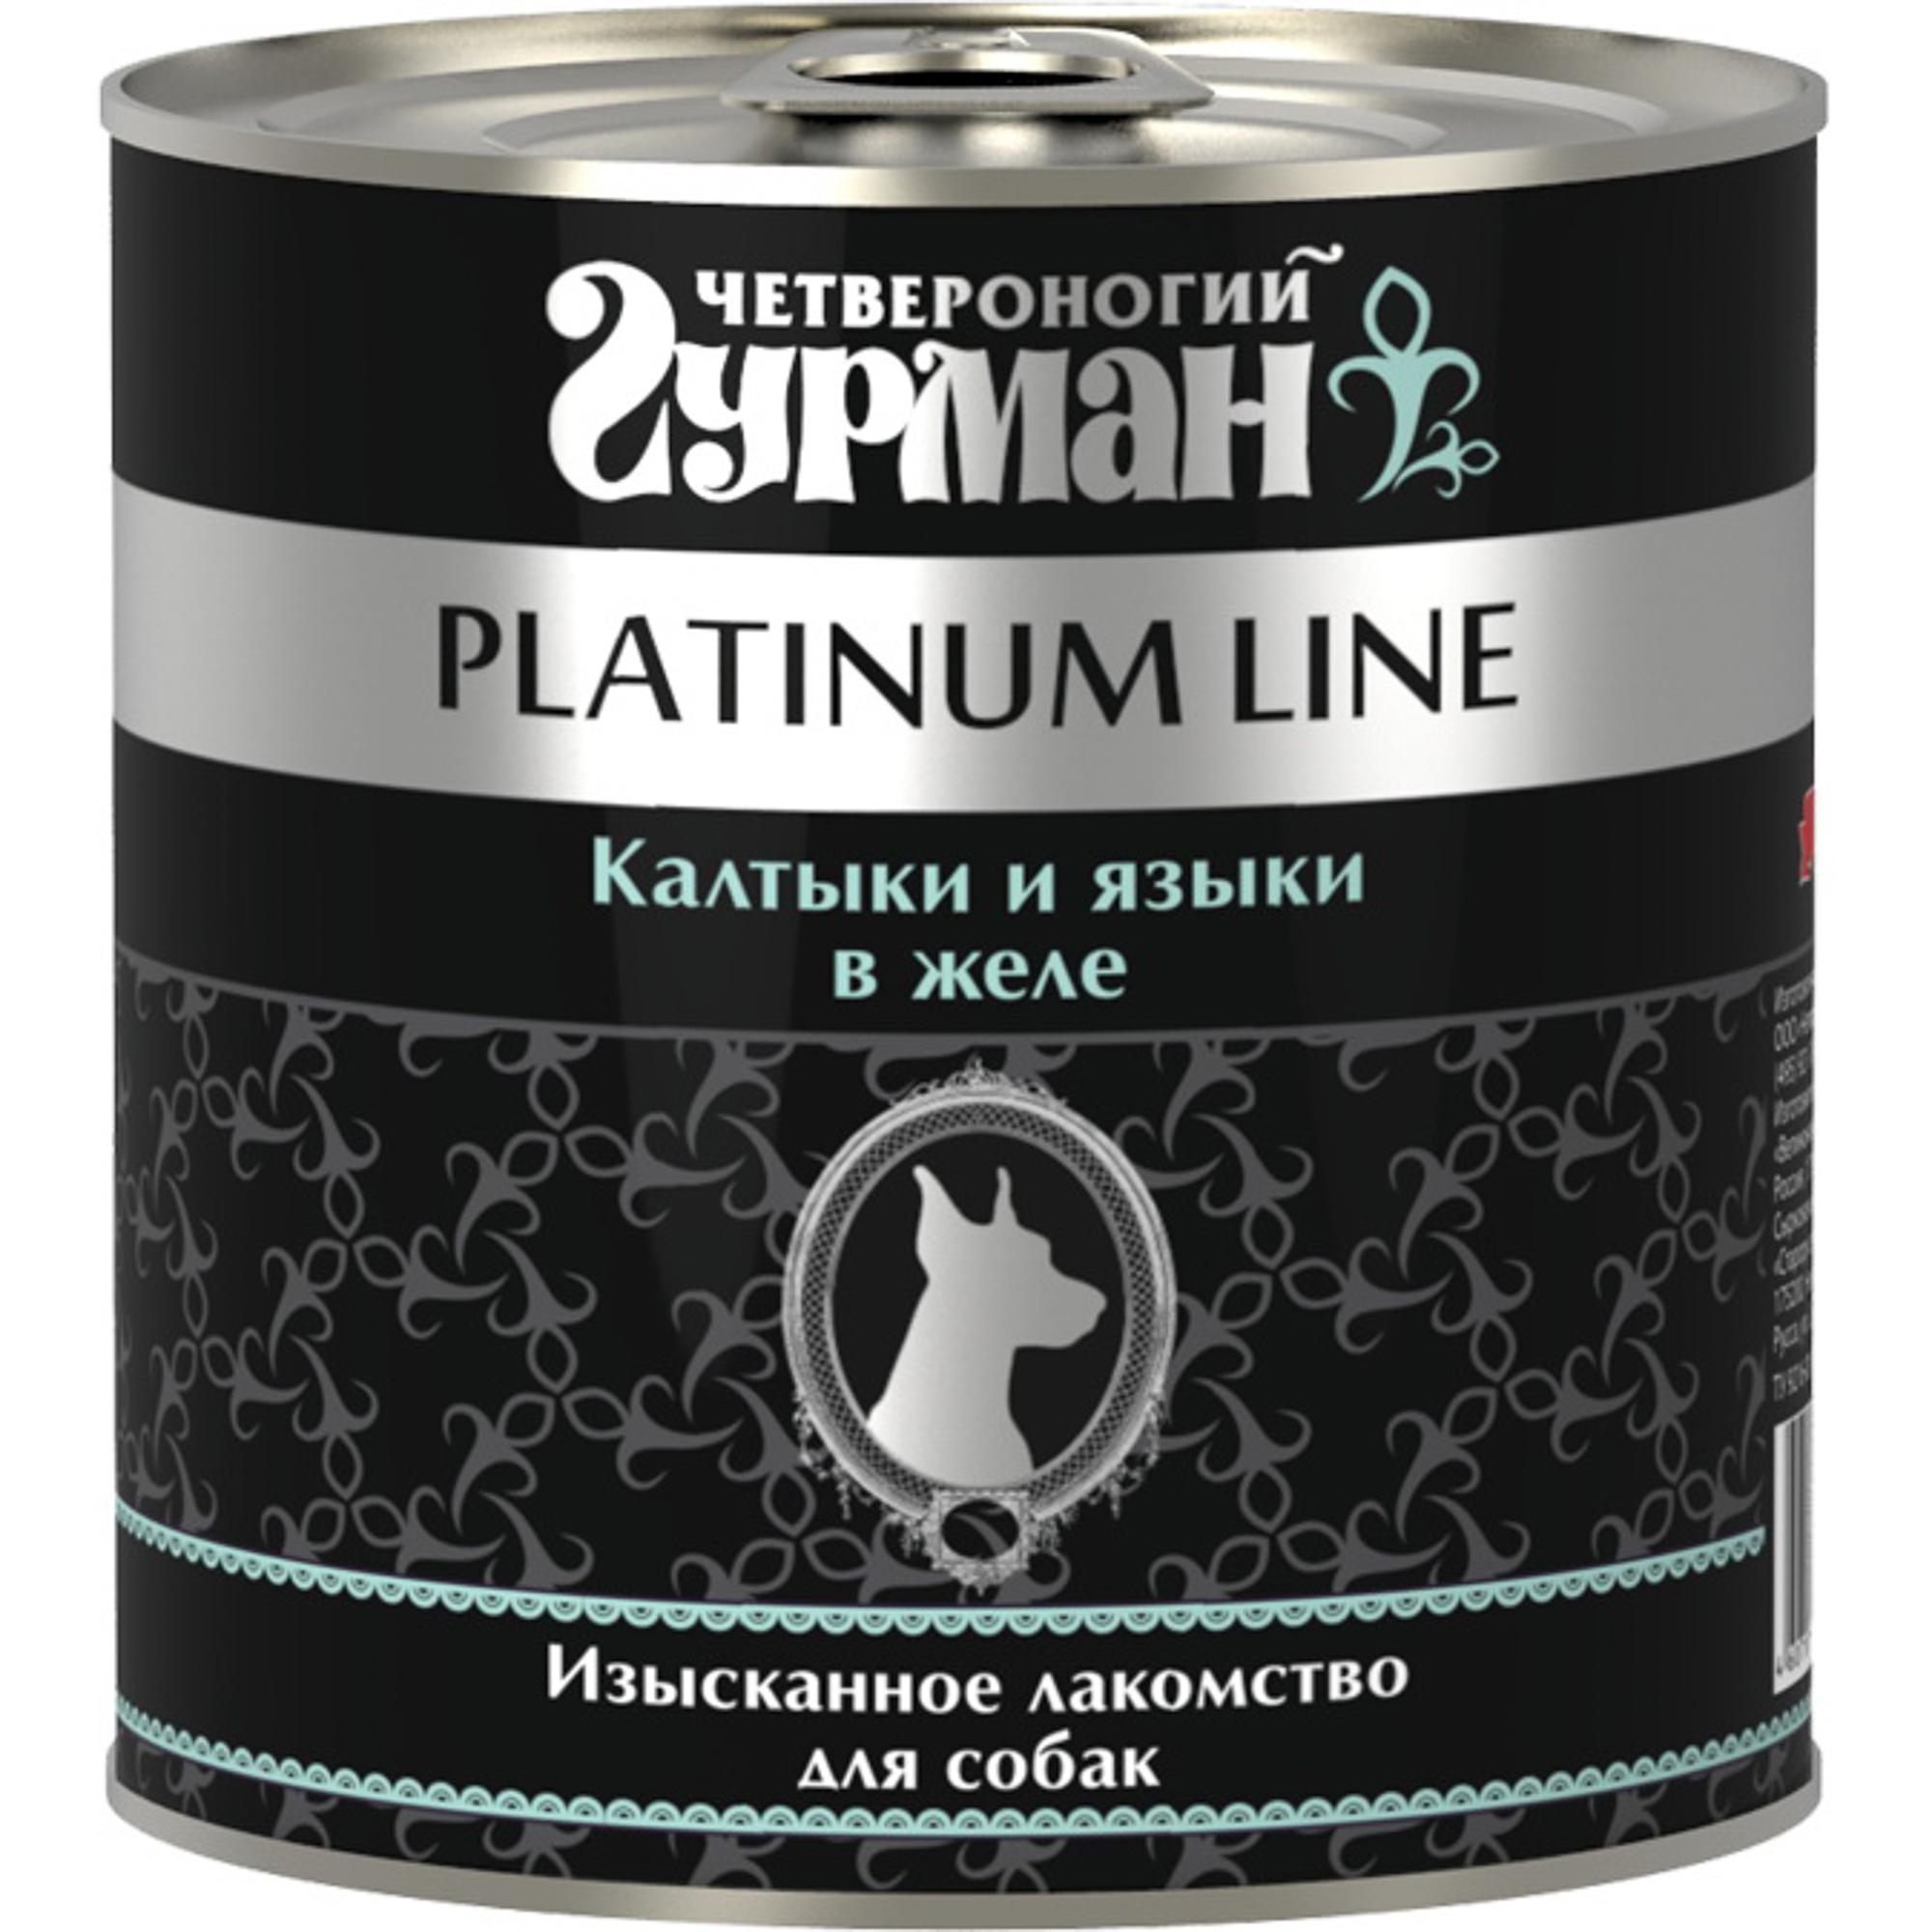 Корм для собак Четвероногий гурман Platinum line калтыки и языки в желе 240 г фото